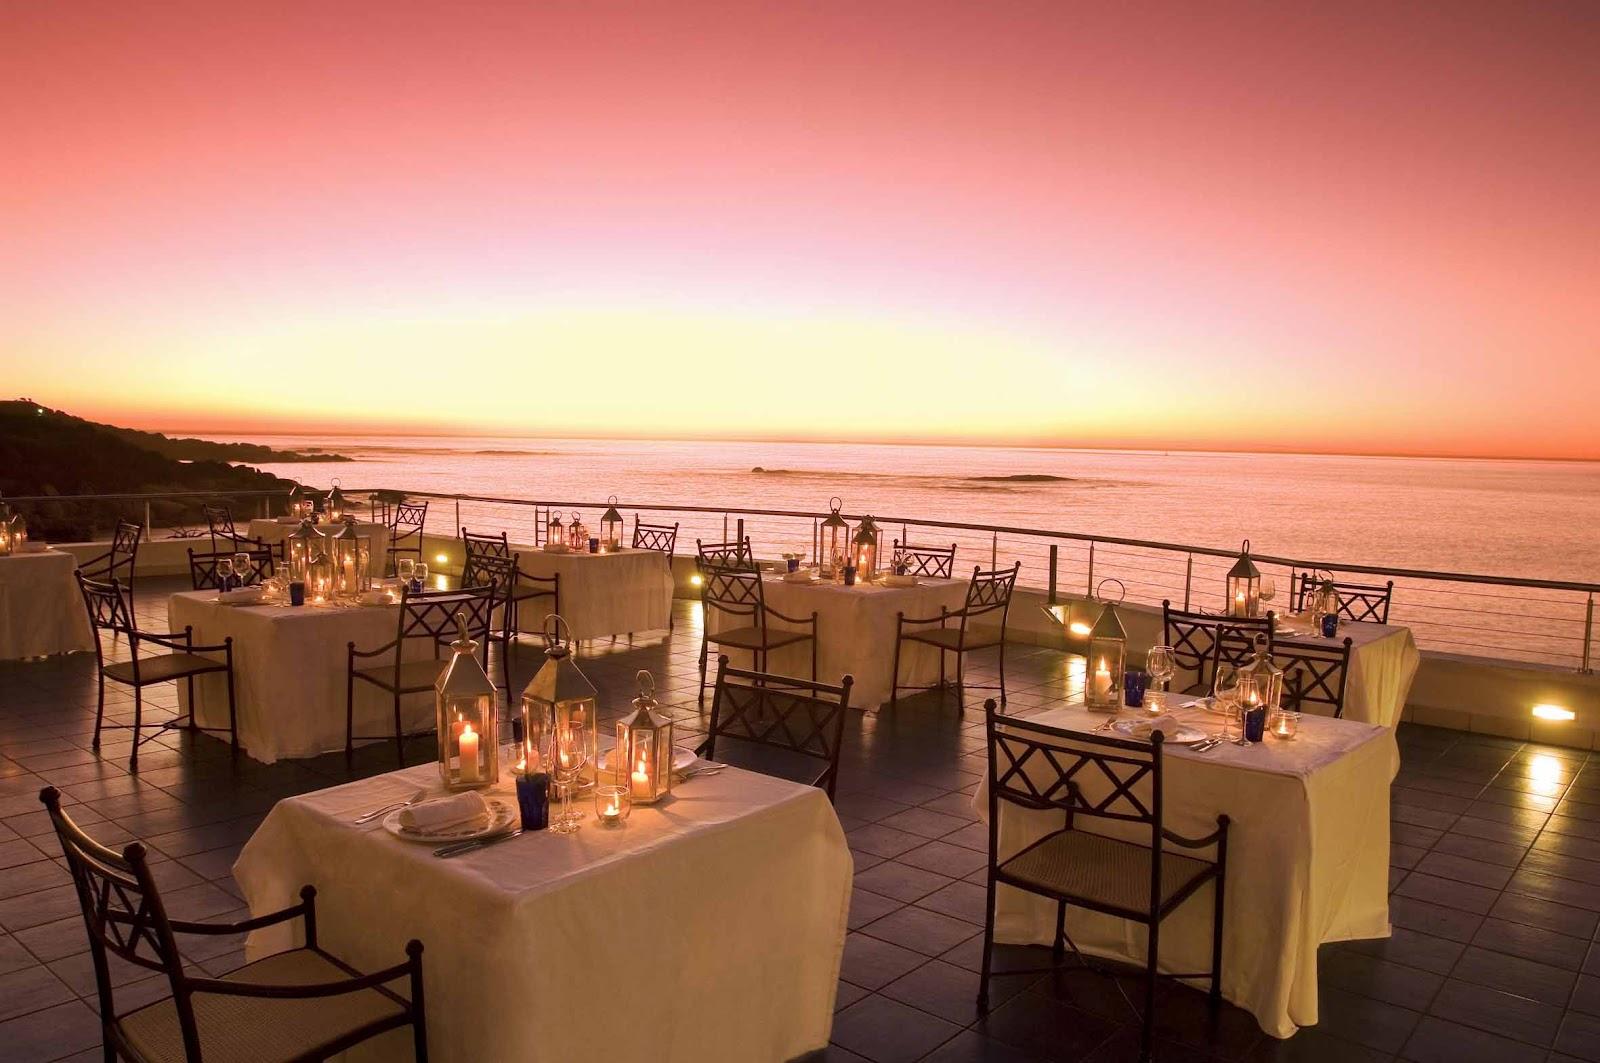 Luxury Restaurant - Wonderful